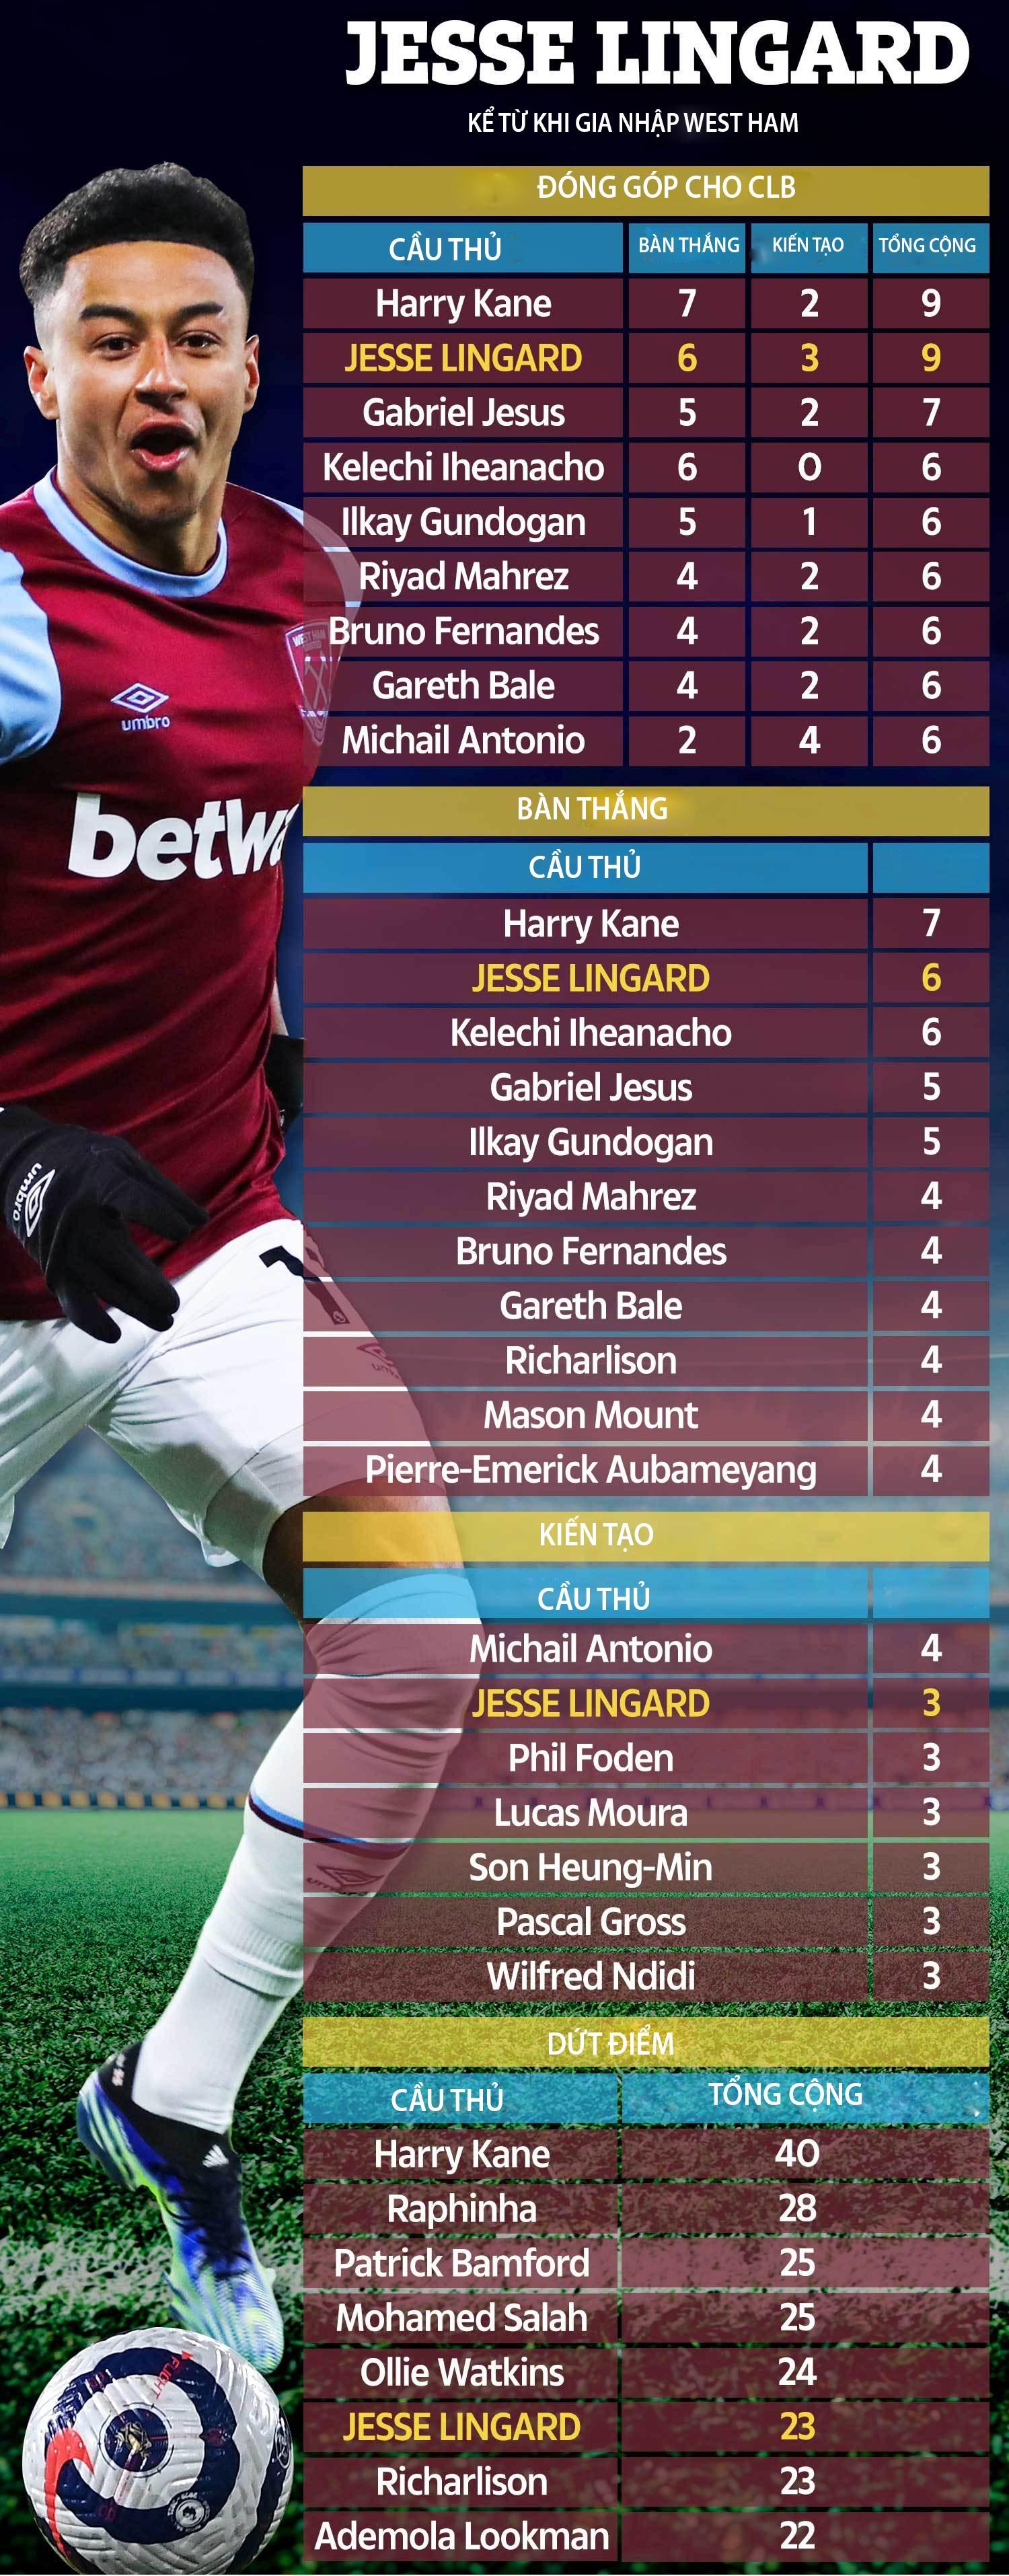 Thống kê về Lingard kể từ khi gia nhập West Ham ở TTCN mùa Đông 2021